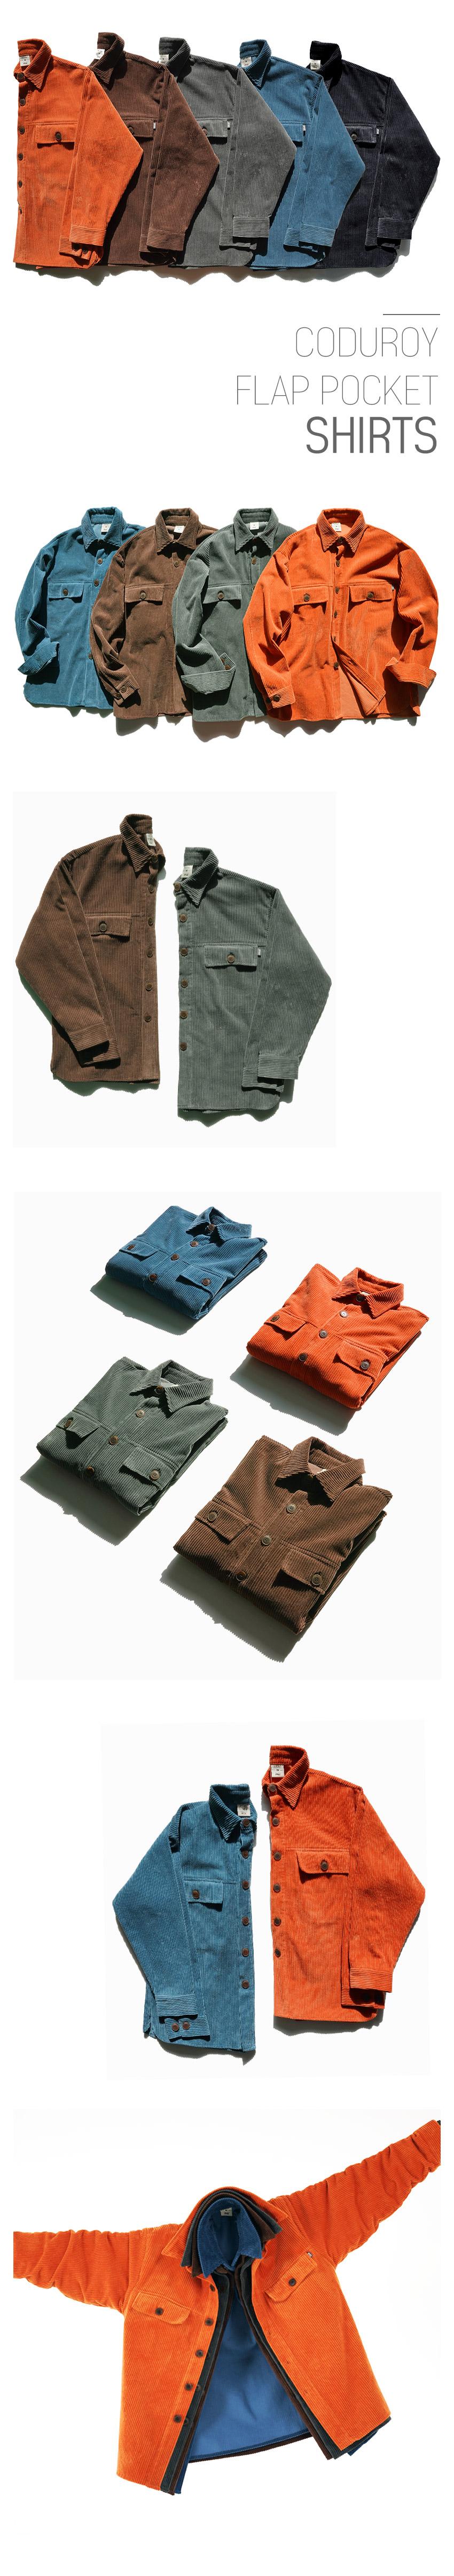 [페플] 코듀로이 플랩 포켓 셔츠 5종 SJLS1223